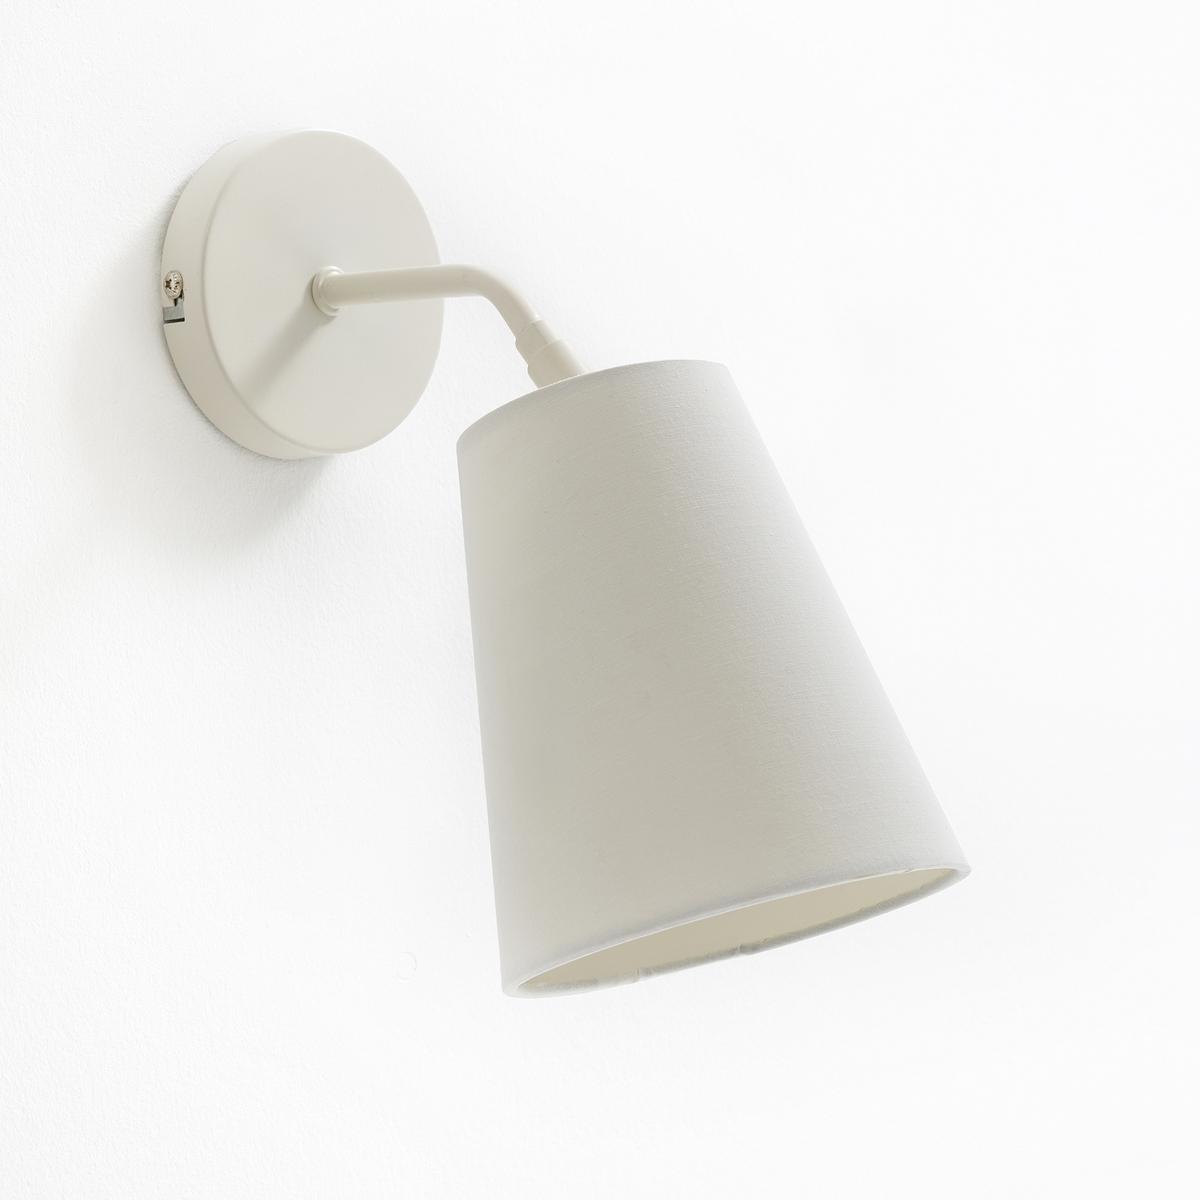 Светильник из металла PACTUSСветильник  из металла Pactus. Современный светильник с изысканным дизайном Pactus.Описание светильника Pactus :Патрон E14 для флюокомпактной лампочки макс. 8Вт не взодит в комплект. Этот светильник совместим с лампочками энергокласса: A. Характеристики светильника Pactus :Металл с эпоксидным покрытием. Абажур из ткани с регулируемым положением (шаровой шарнир)Найдите всю коллекцию Pactus на сайте la redoute.ru.Размеры светильника Pactus :Размеры : 29 x 13x 22,5 см . Абажур : 13 x 8 x 15 см .Размеры и вес ящика :1 упаковка25 x 18 x 26 см .Вес 0,8 кг<br><br>Цвет: белый,красный,сине-серый,черный